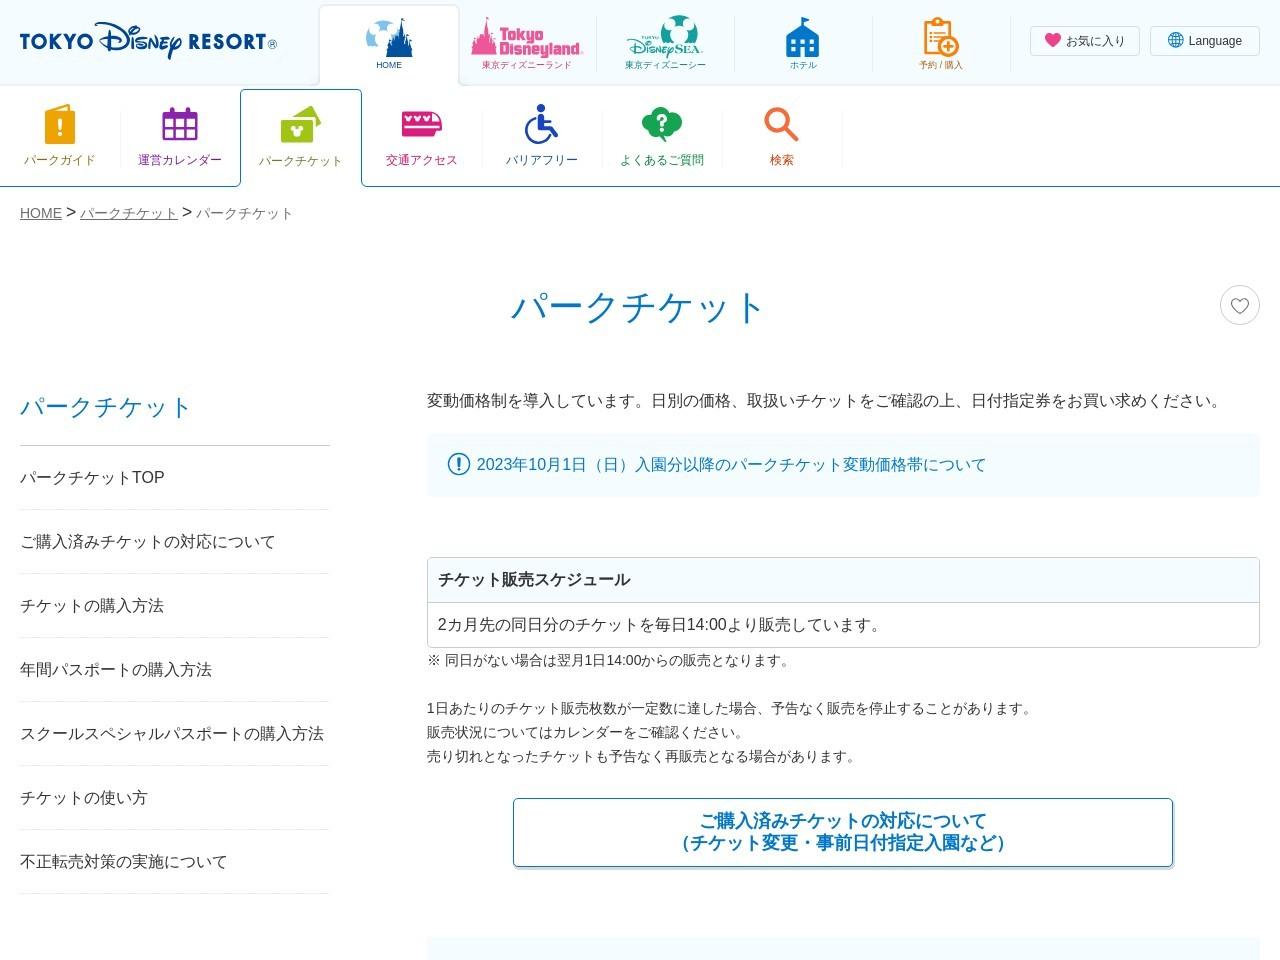 東京ディズニーランド・ディズニーシー攻略・裏技・回り方【tdr/tdl/tds】